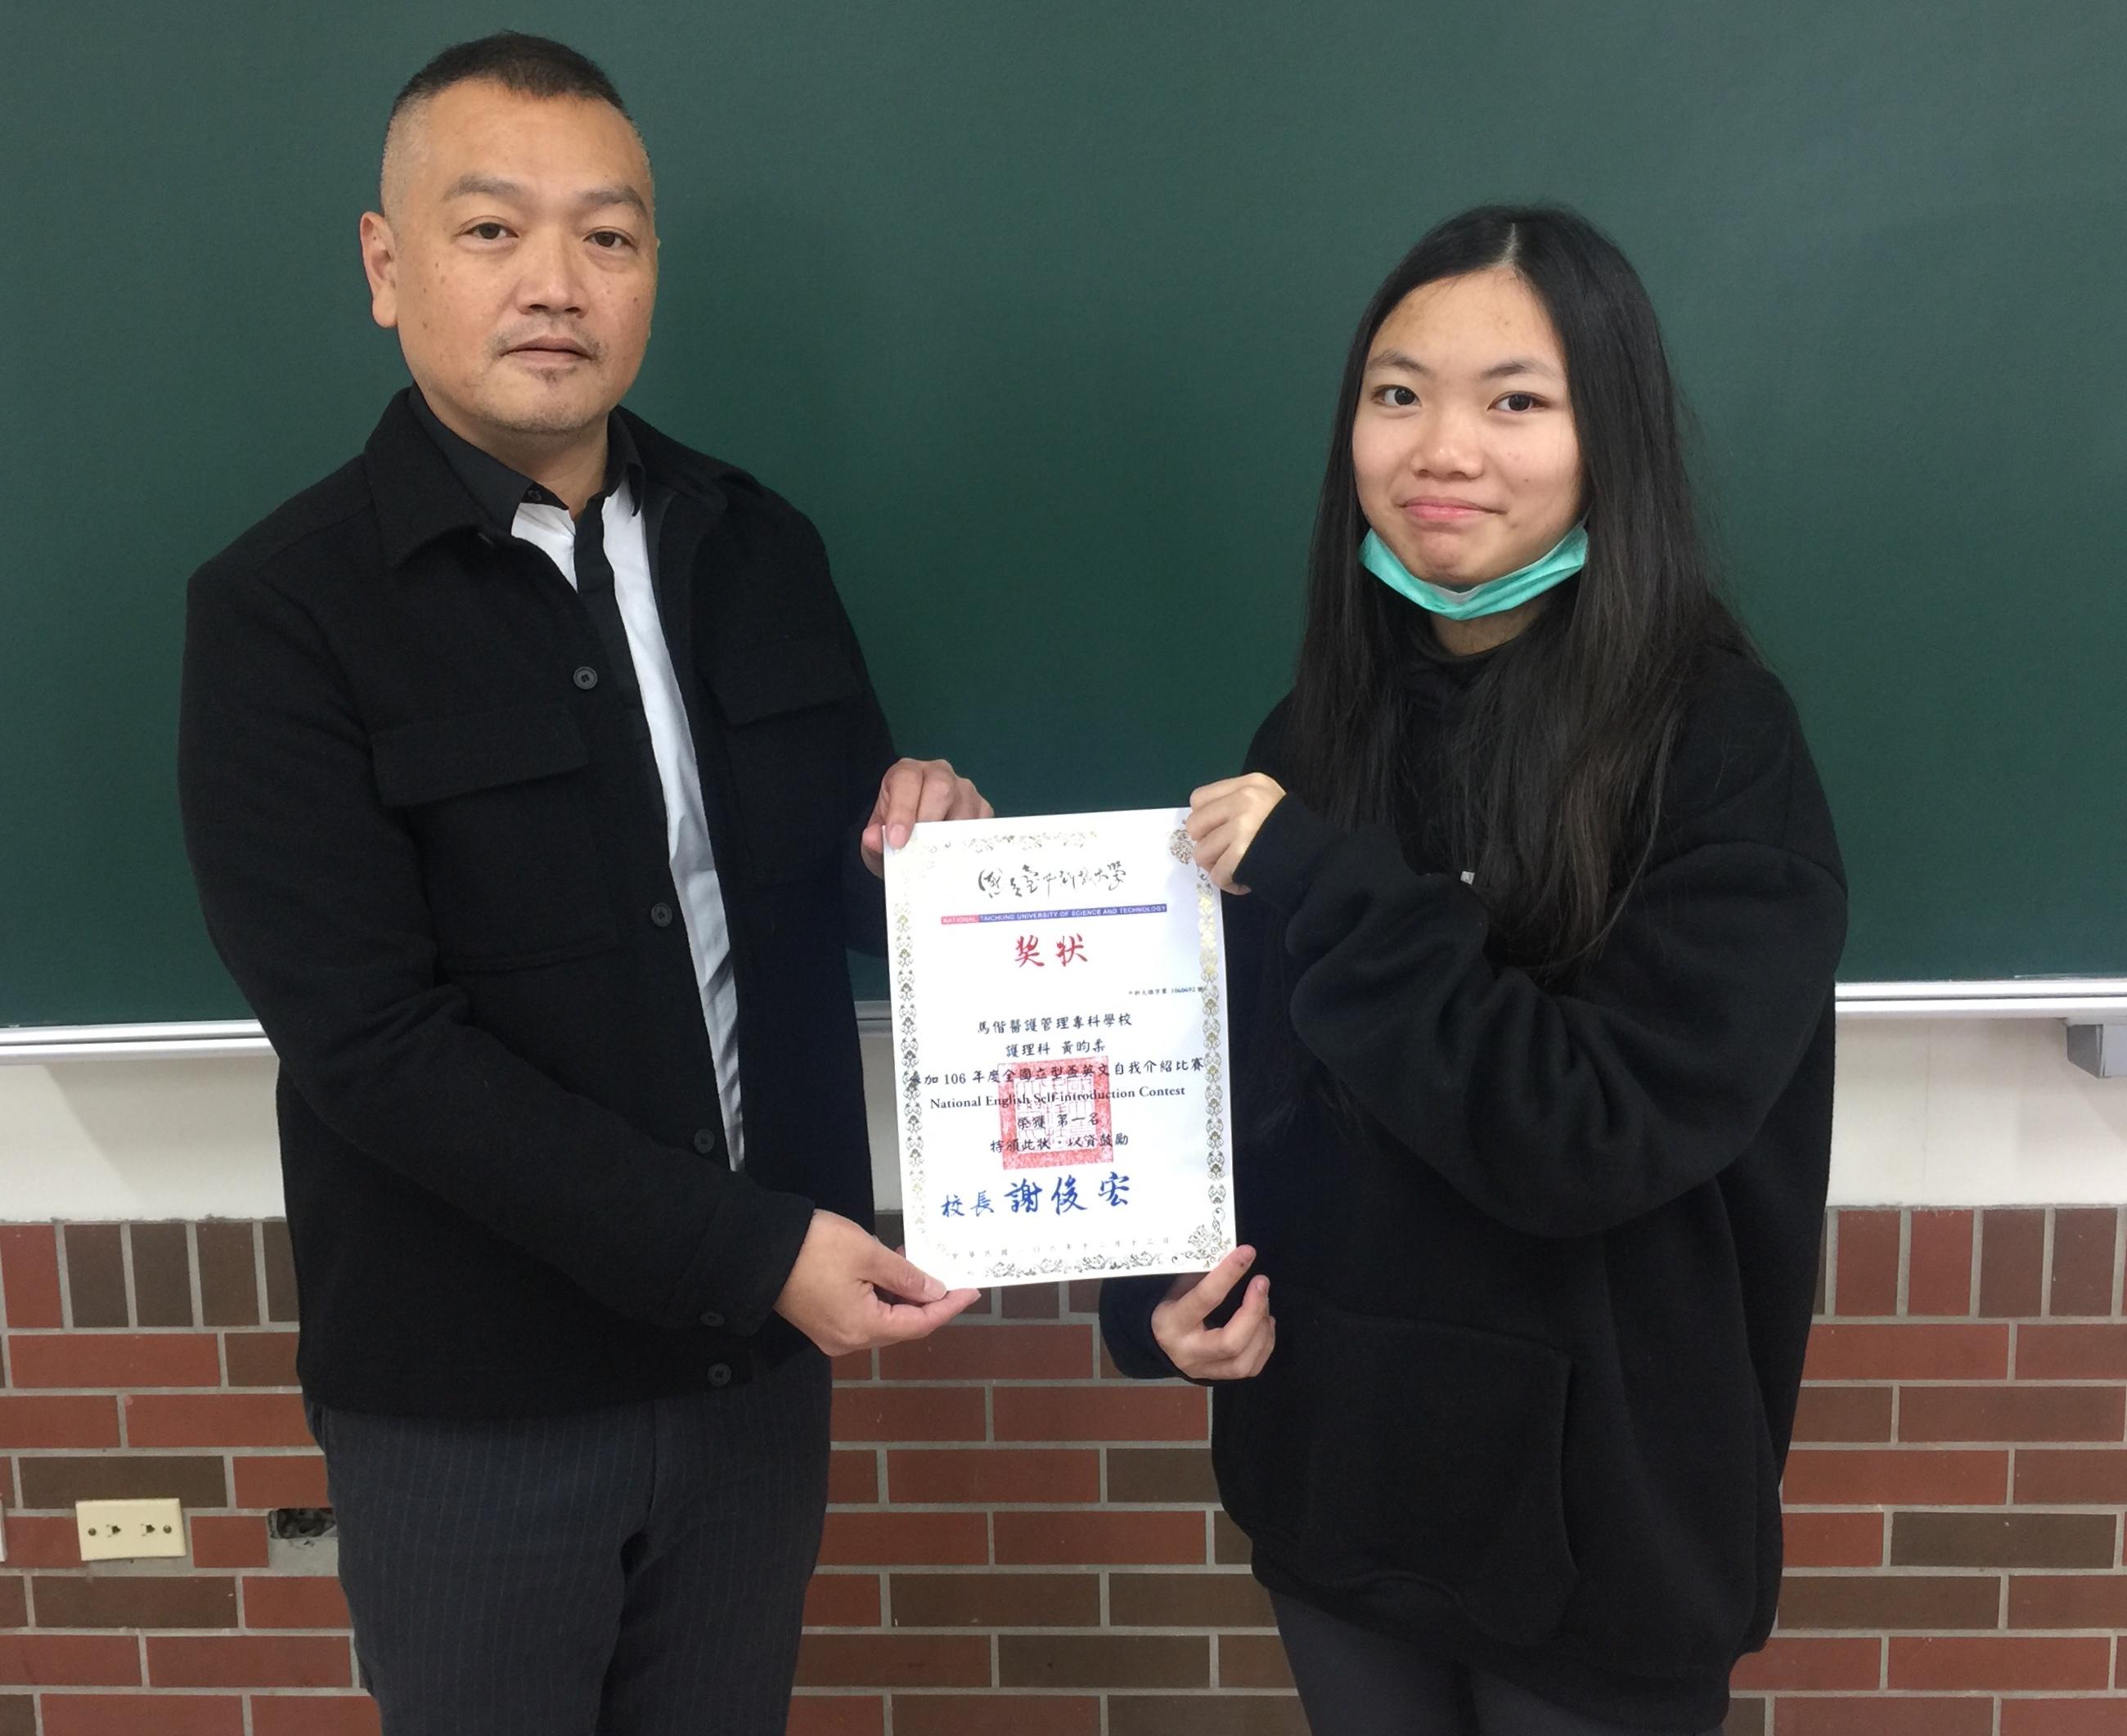 護理科二年六班黃昀柔同學參加106年全國立型盃英文自我介紹比賽榮獲第一名!感謝黃正忠老師指導。